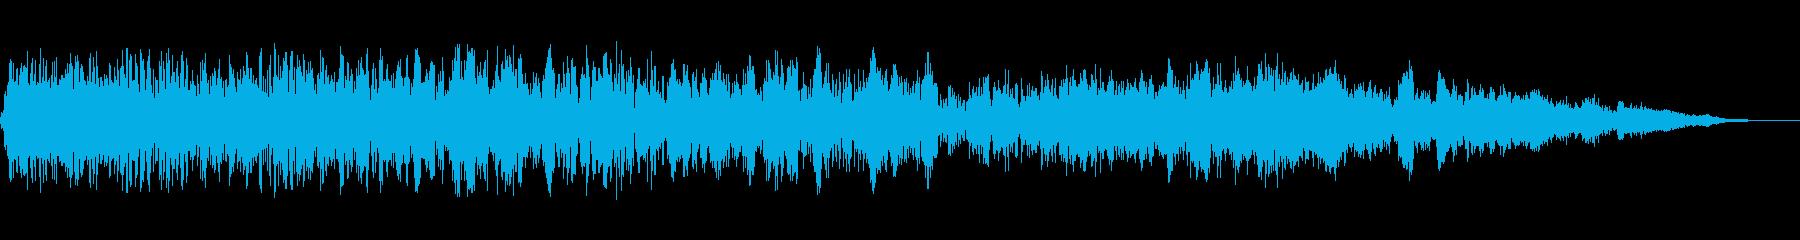 ザップリコシェットの再生済みの波形